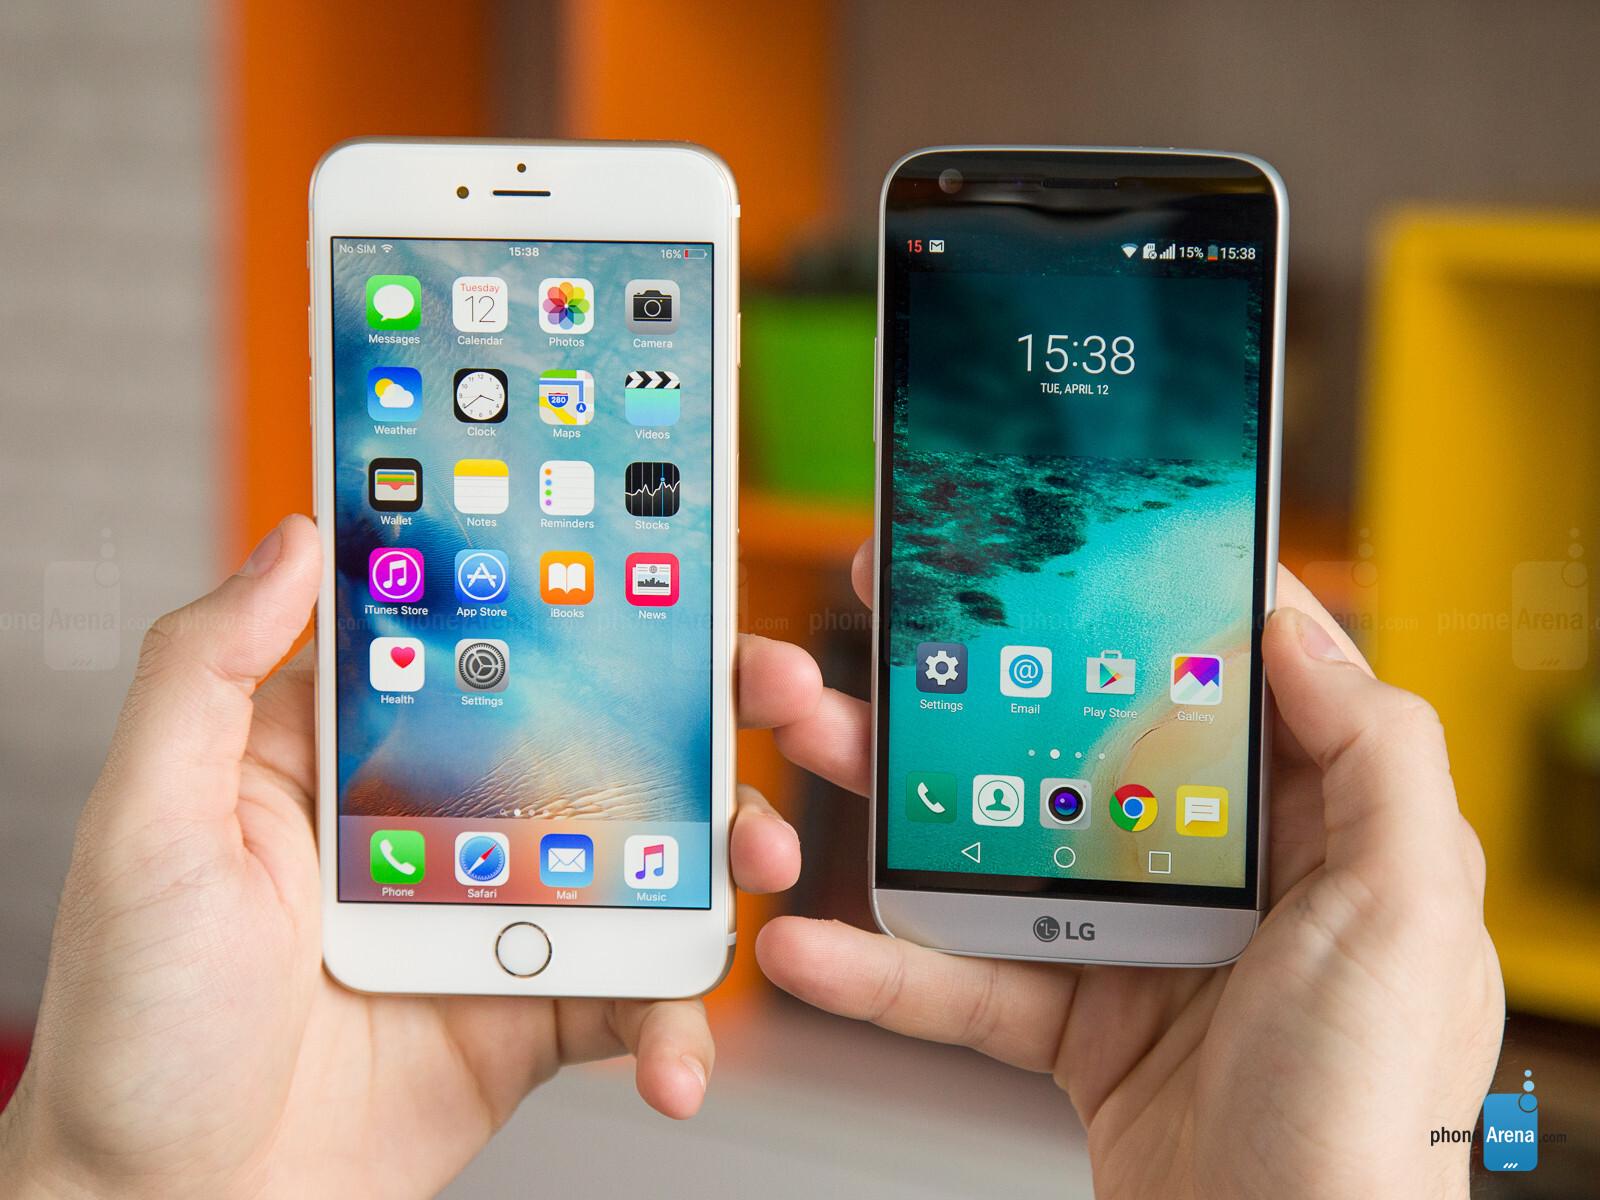 lg g5 vs iphone 7 plus